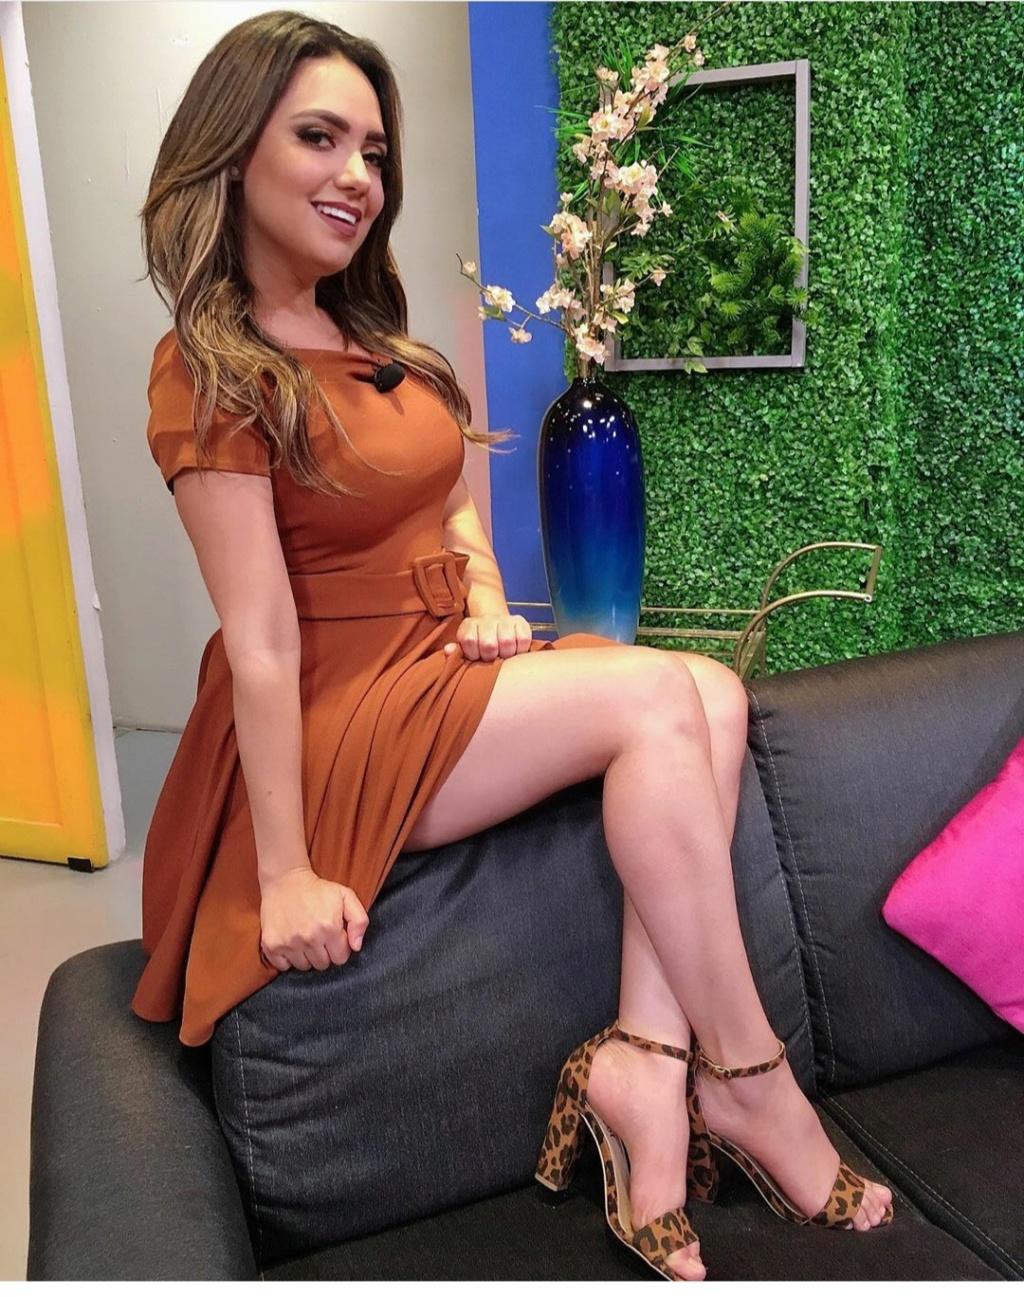 DEBATE sobre belleza, guapura y hermosura (fotos de chicas latinas, mestizas, y de todo) - VOL II - Página 3 Img_1430